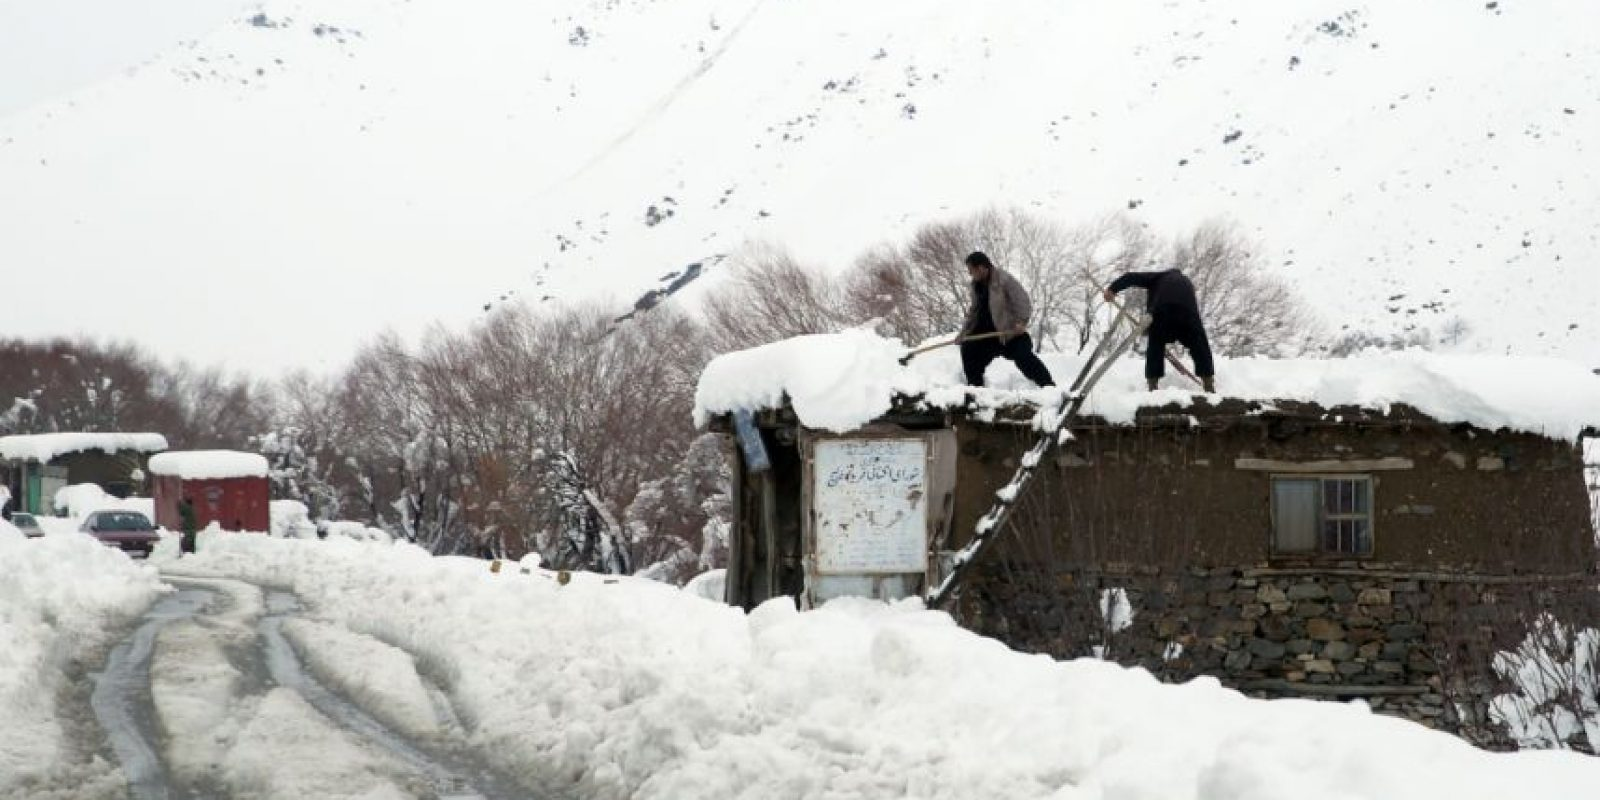 Las avalanchas son comunes en dicha región. Foto:AP